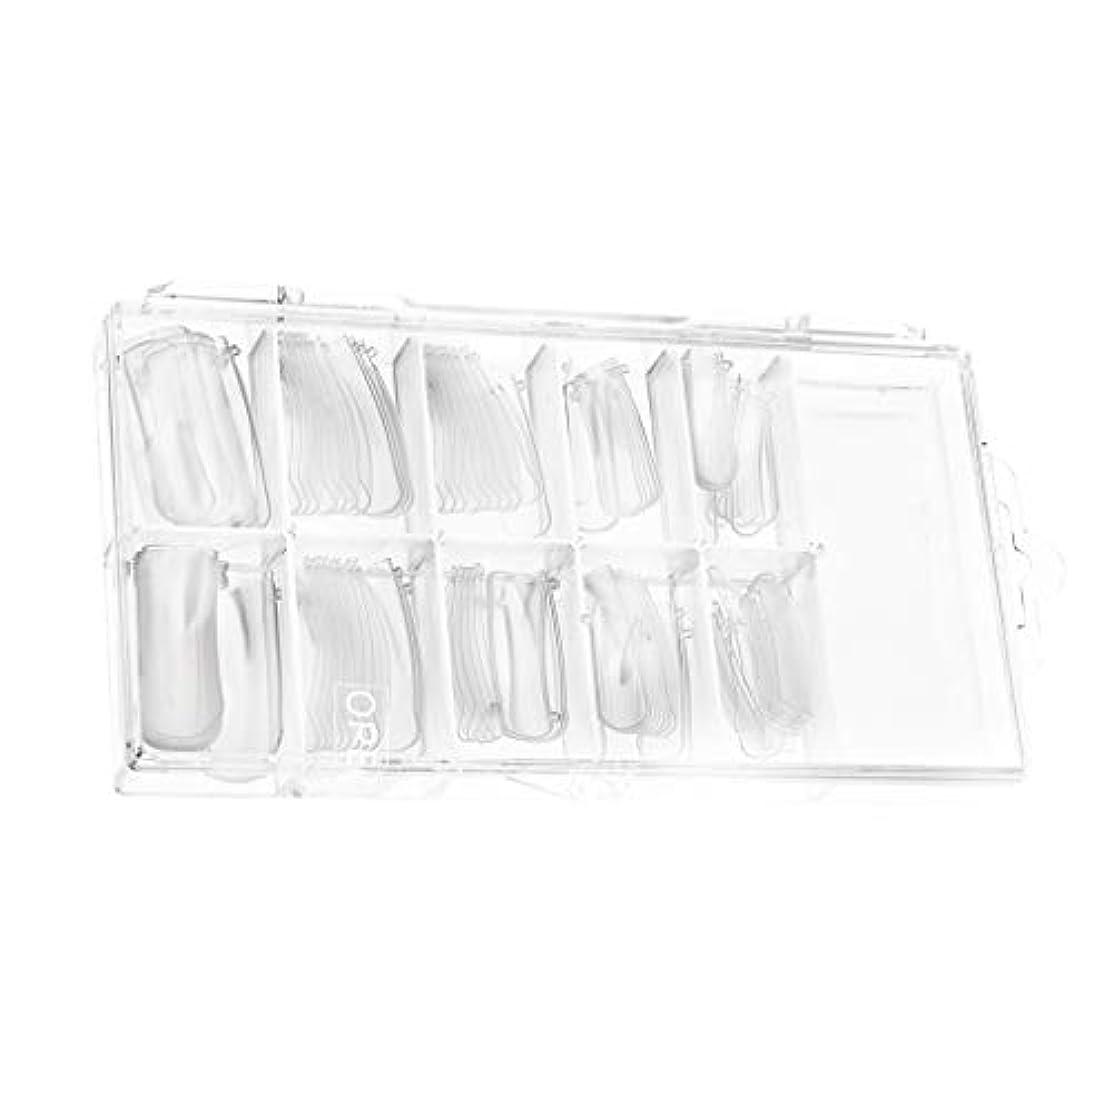 ジョブ添加剤文明化Generic たくさん100棺ネイルクリアバレリーナネイルのヒントロングフルカバーアクリルネイル個人用または業務用(クリア)用10サイズ